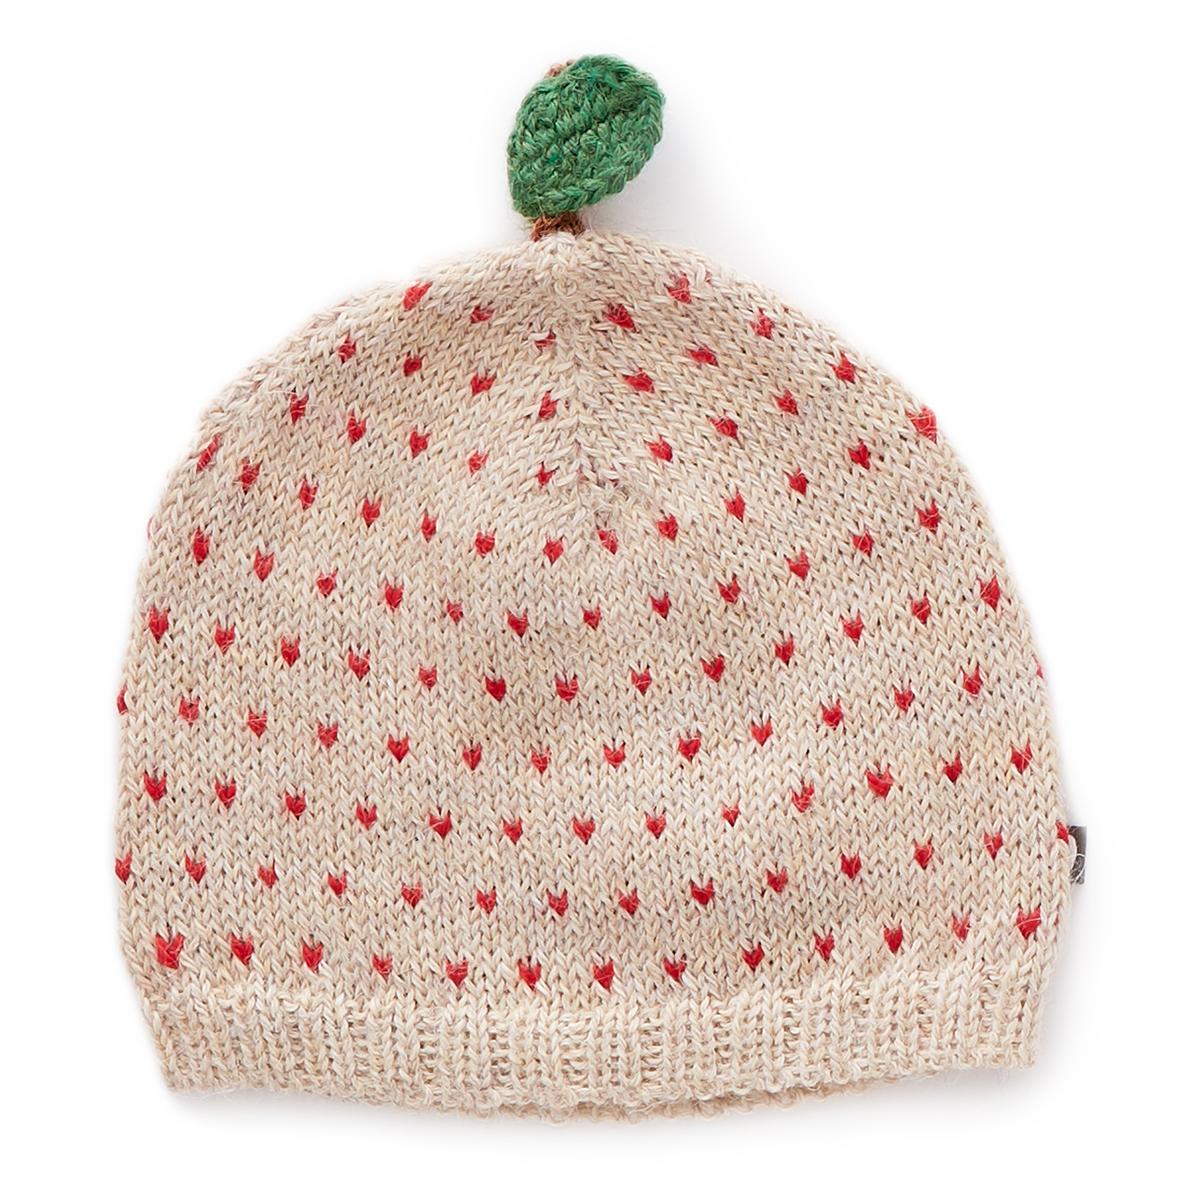 Accessoires Bébé Bonnet Pomme à Pois Rouges Beige - 6/12 Mois Bonnet Pomme à Pois Rouges Beige - 6/12 Mois